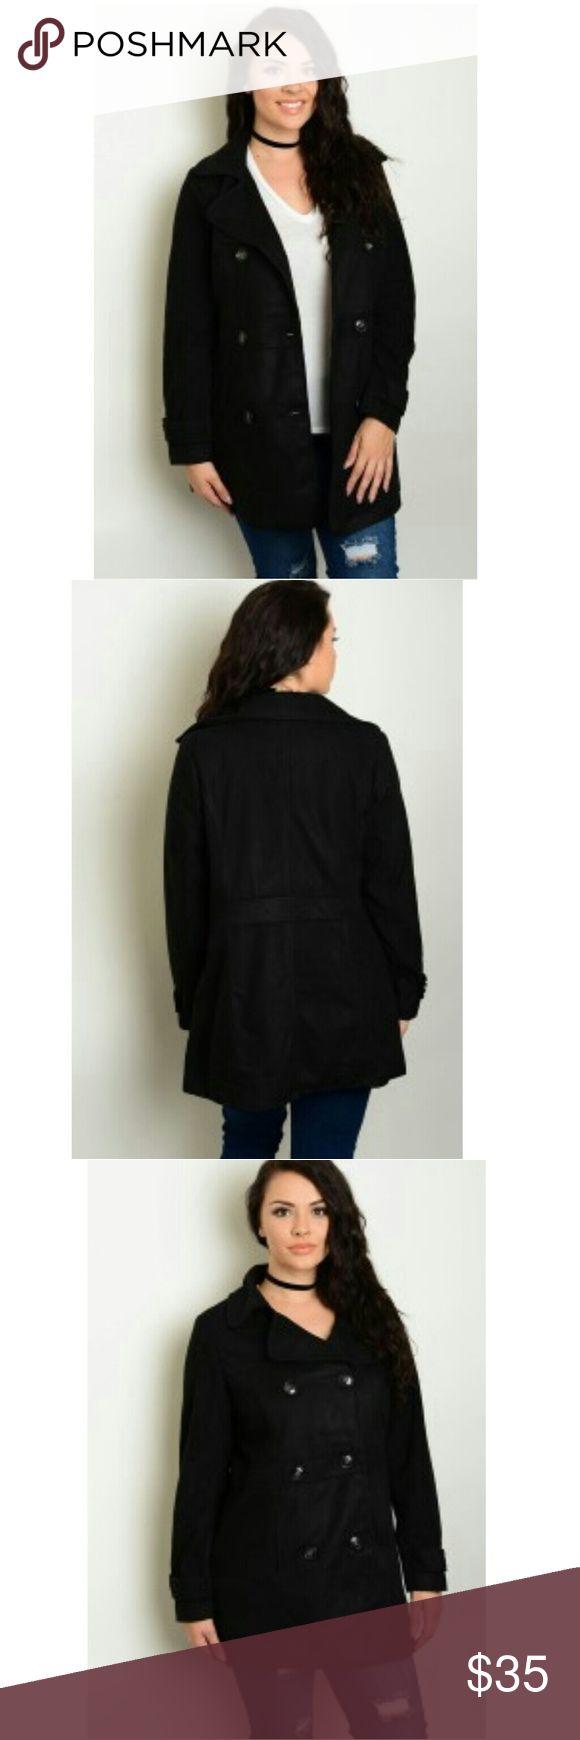 NWT women's pea coat Just arrived black pea coat!! Jackets & Coats Pea Coats